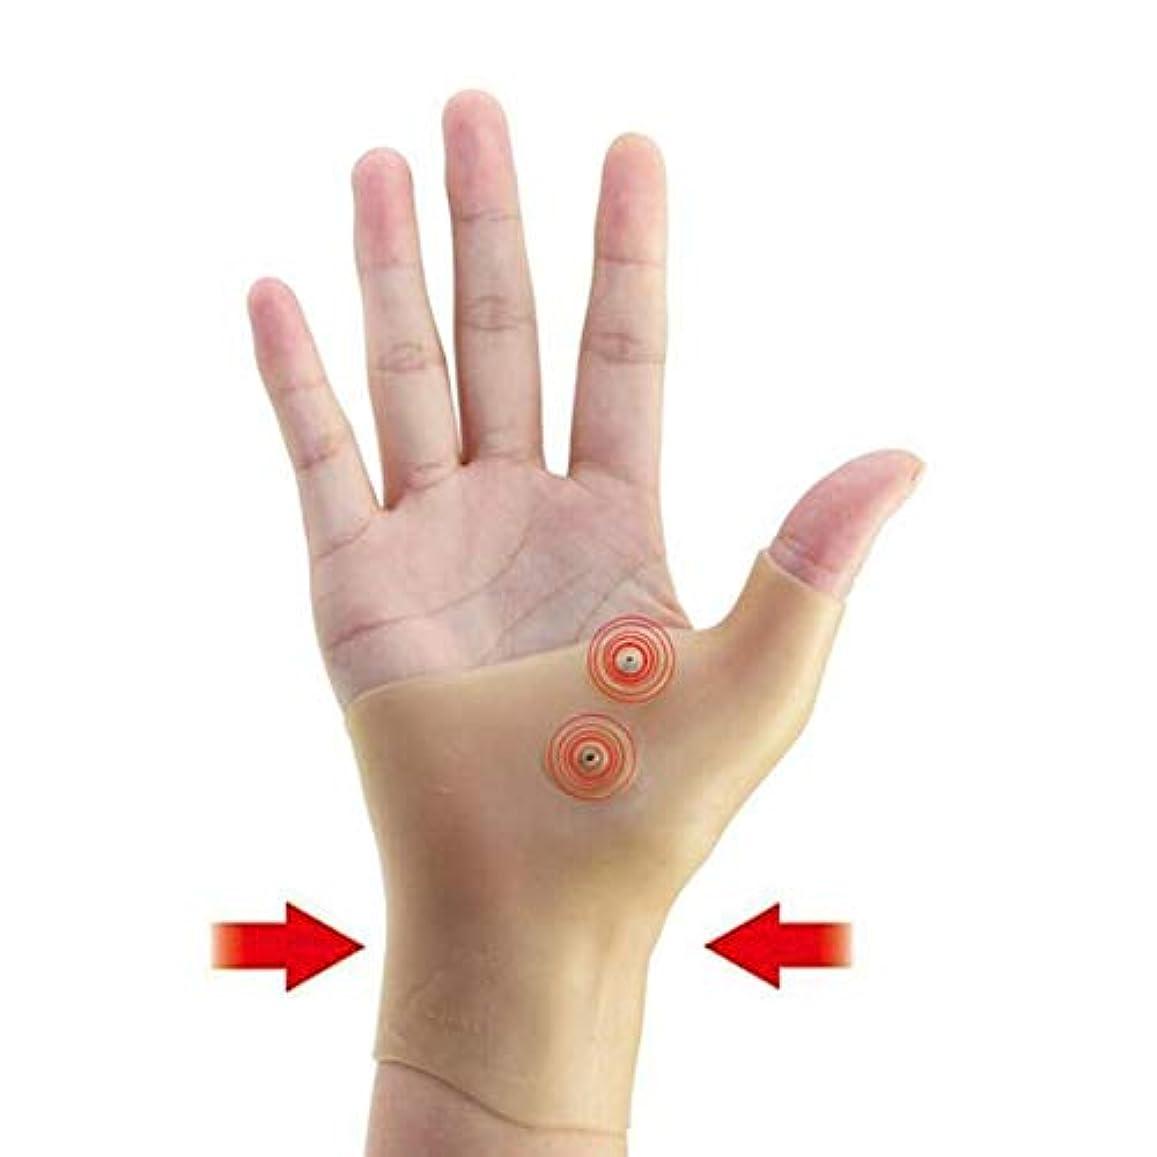 スプーンつなぐ骨の折れる磁気療法手首手親指サポート手袋シリコーンゲル関節炎圧力矯正器マッサージ痛み緩和手袋 - 肌の色